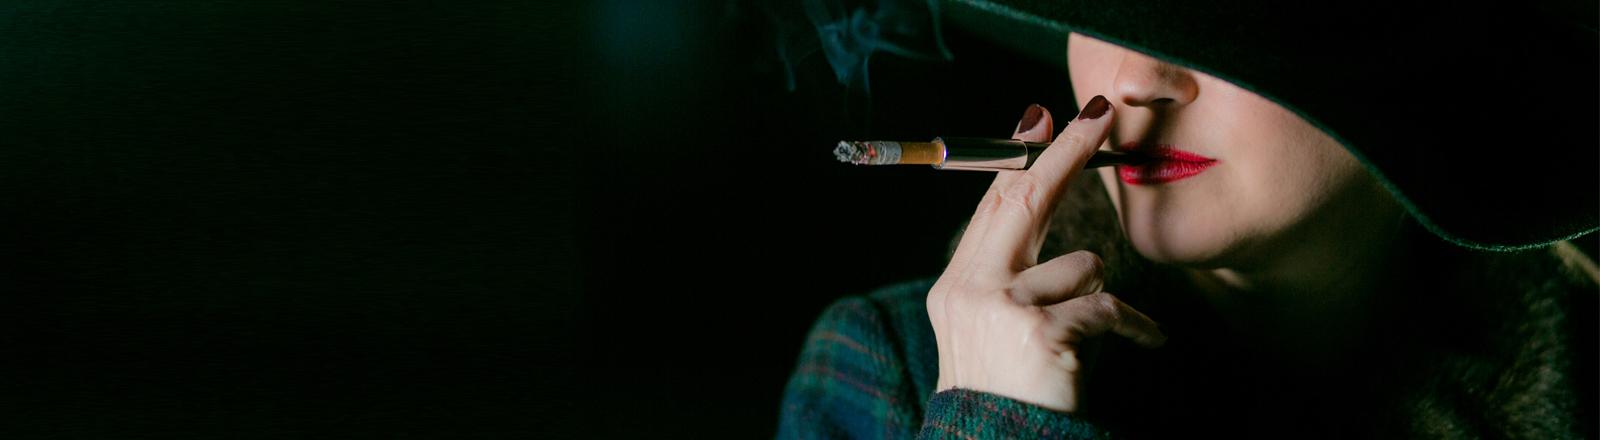 Eine Frau raucht Zigarette. Timmzie | Photocase https://www.photocase.de